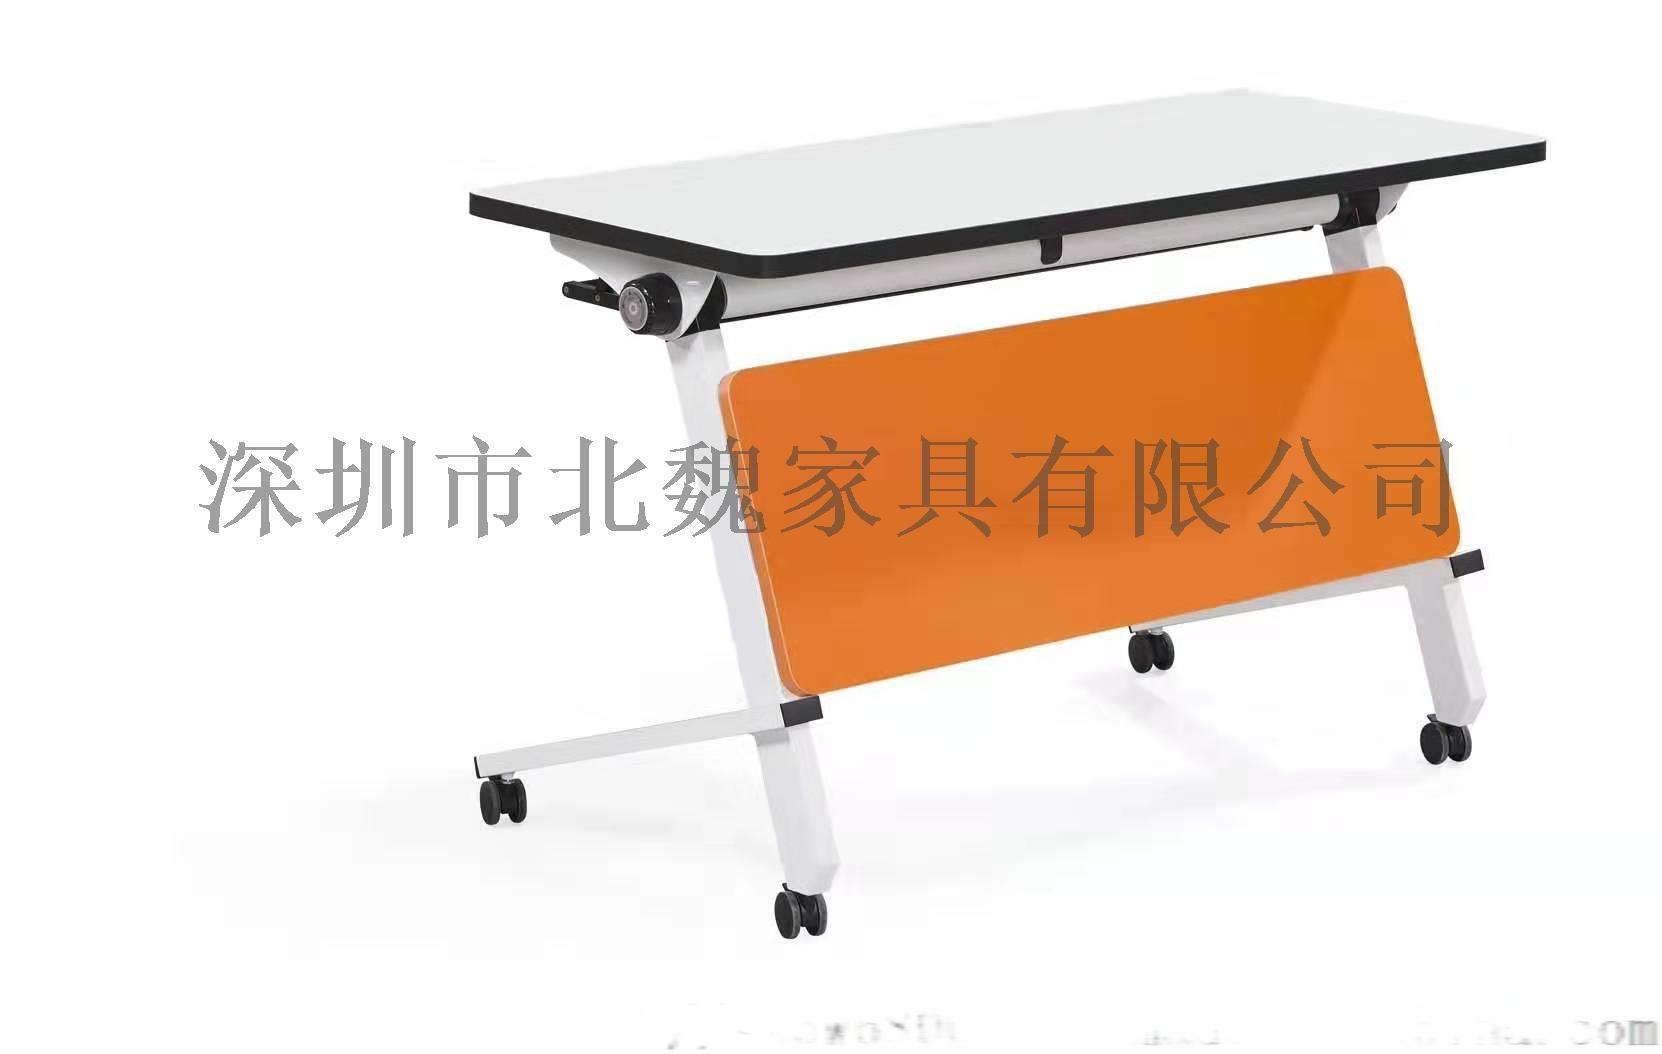 培训班折叠桌椅-员工折叠培训桌椅-可移动培训桌椅123205265